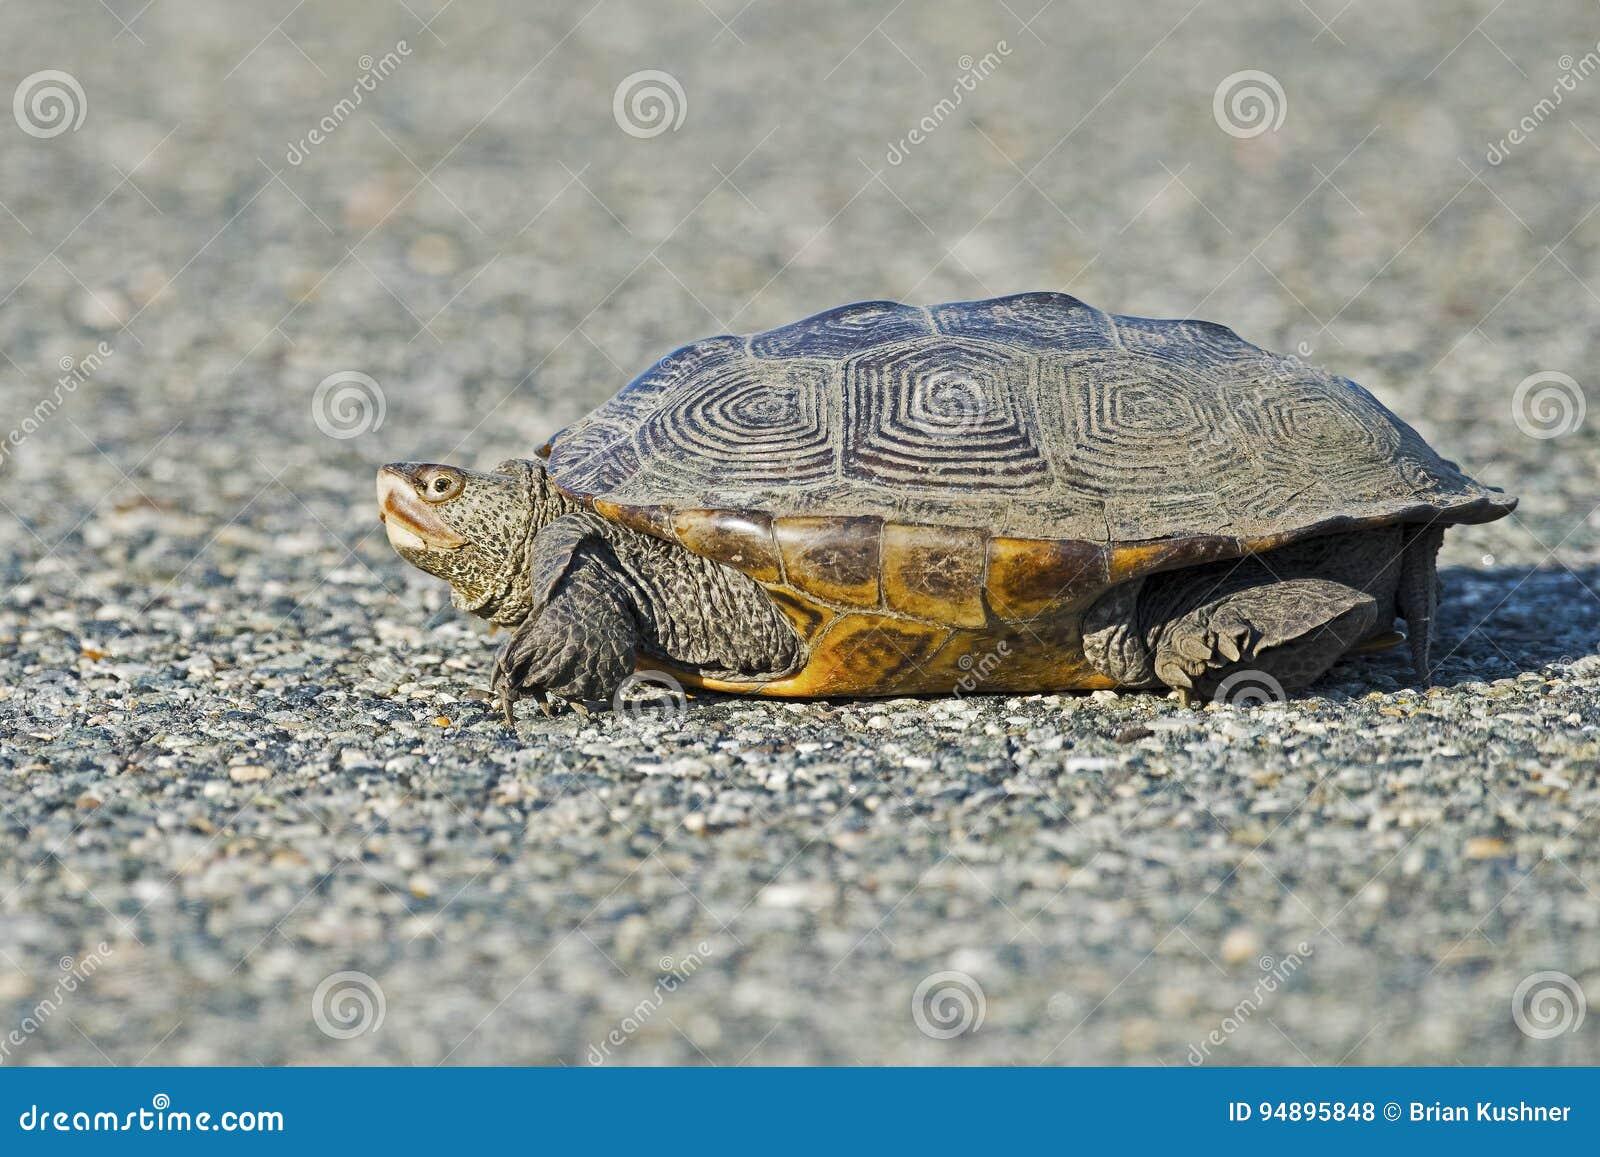 Diamondbacksumpsköldpadda